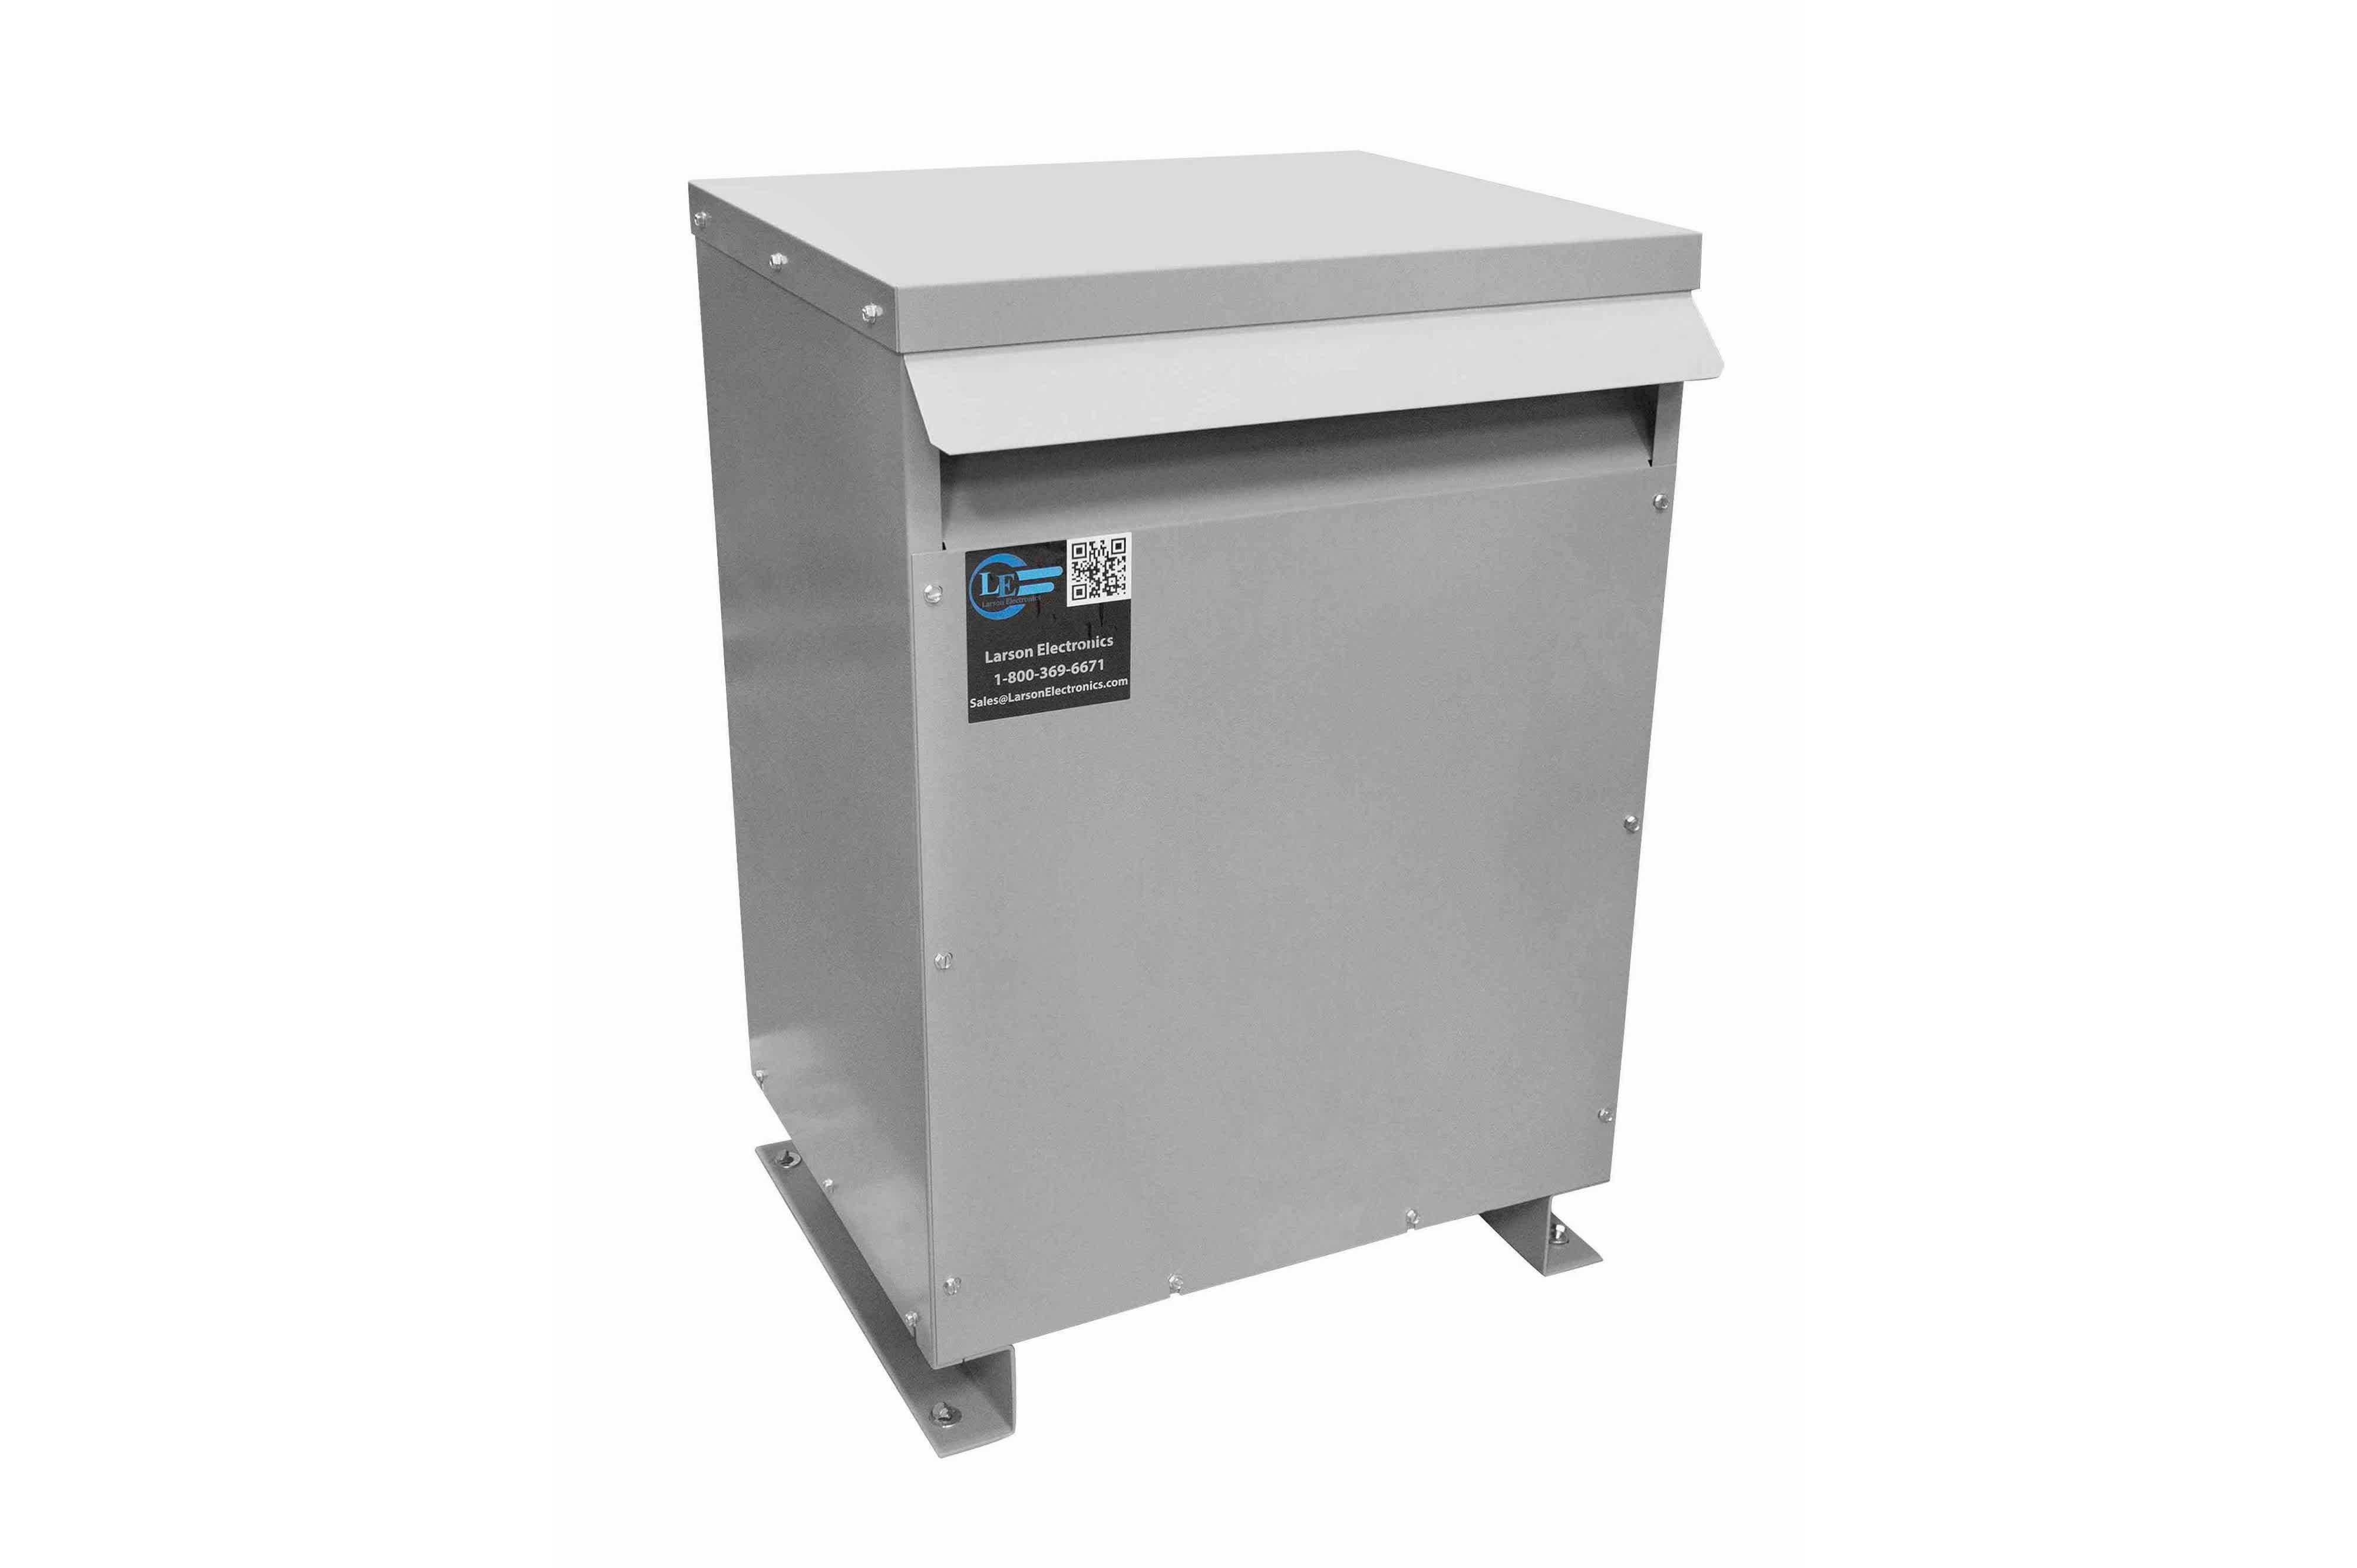 300 kVA 3PH Isolation Transformer, 575V Delta Primary, 480V Delta Secondary, N3R, Ventilated, 60 Hz